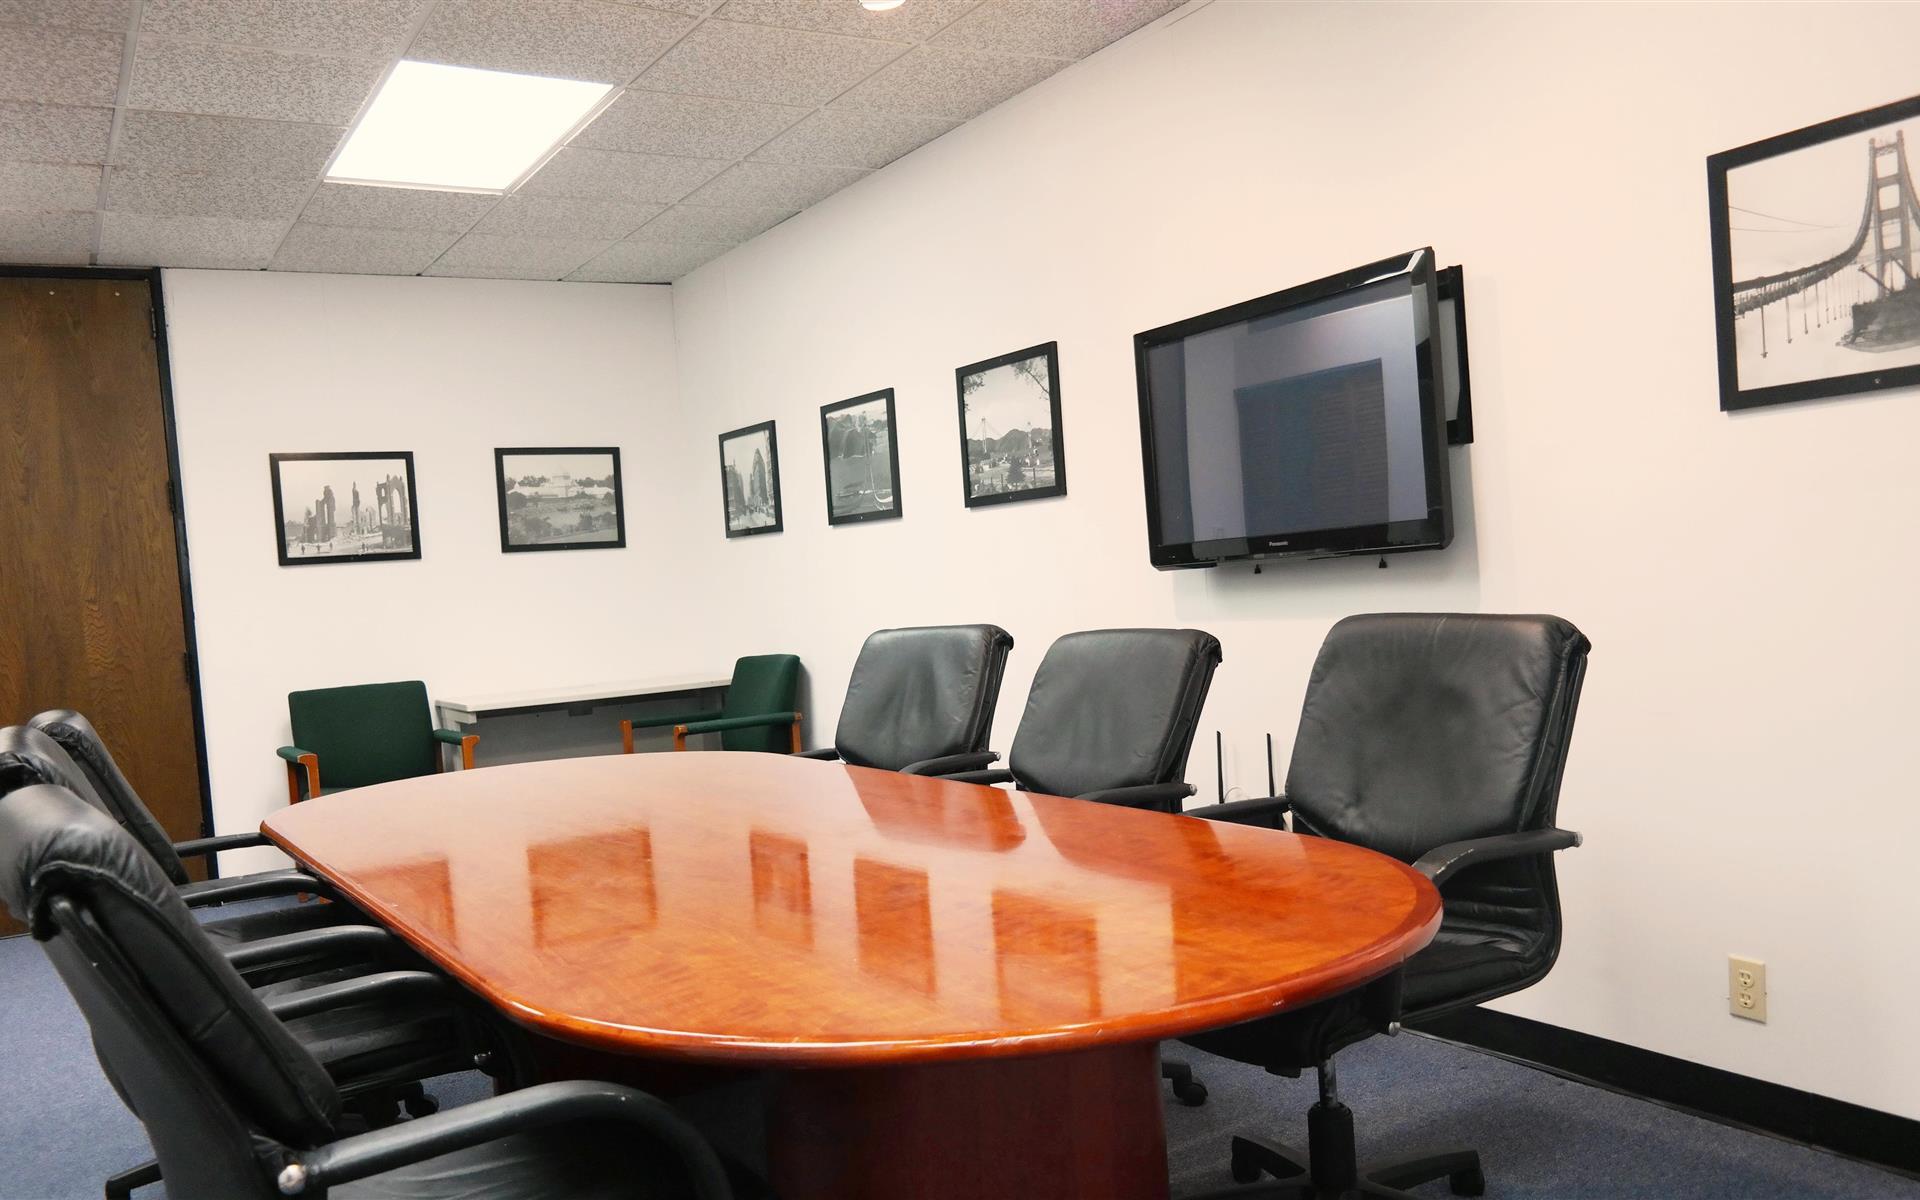 1 Hallidie Plaza - Office + Conferece Room + Kitchen